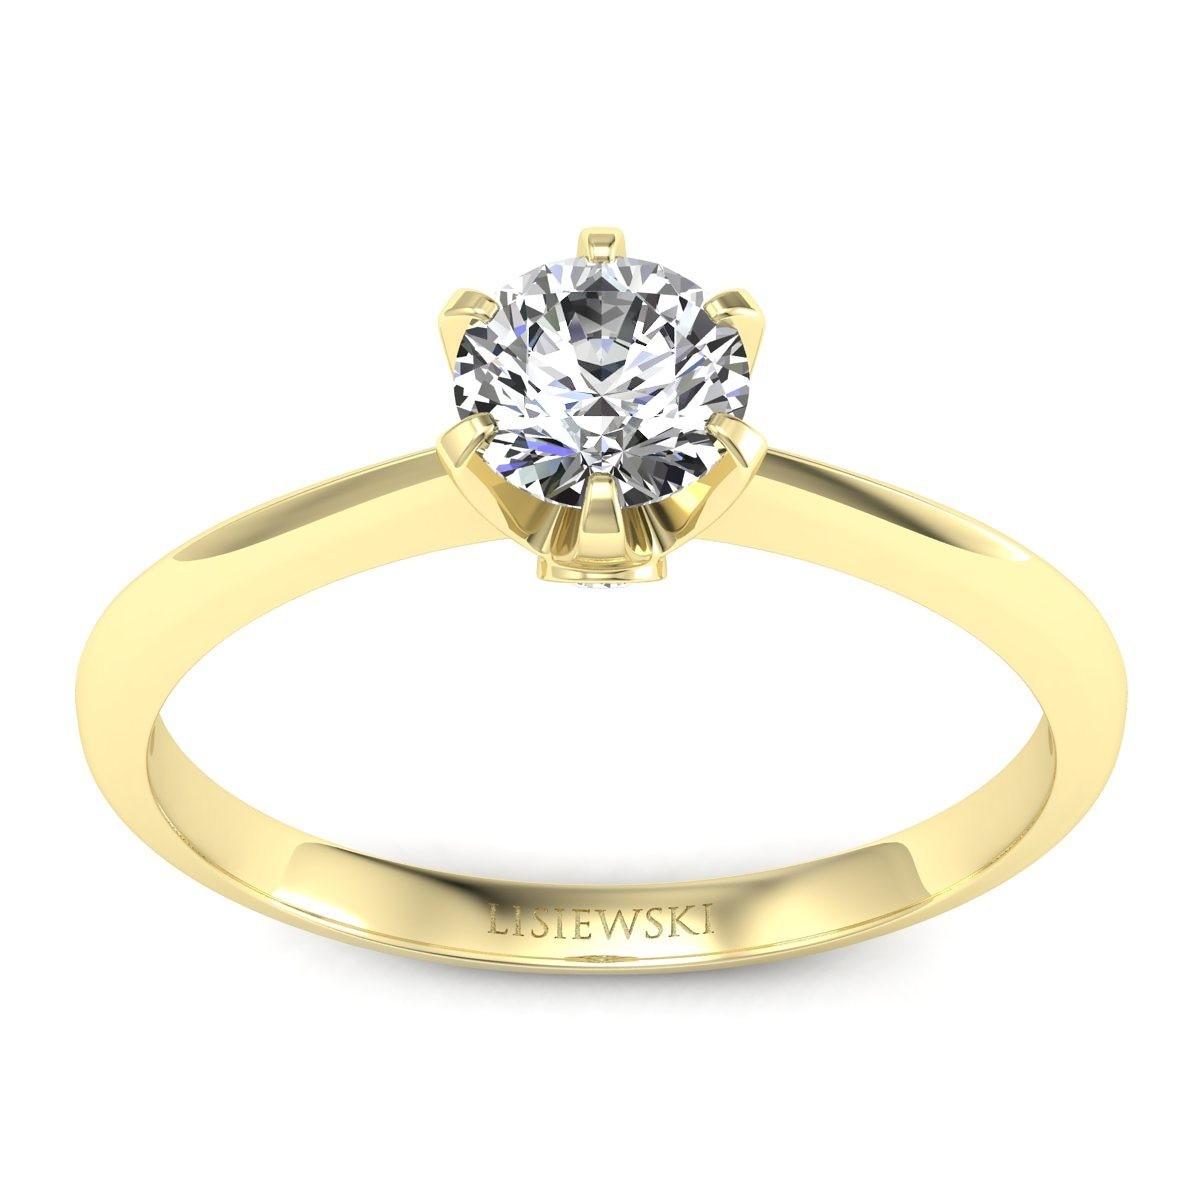 Solitaire - Złoty pierścionek z brylantami